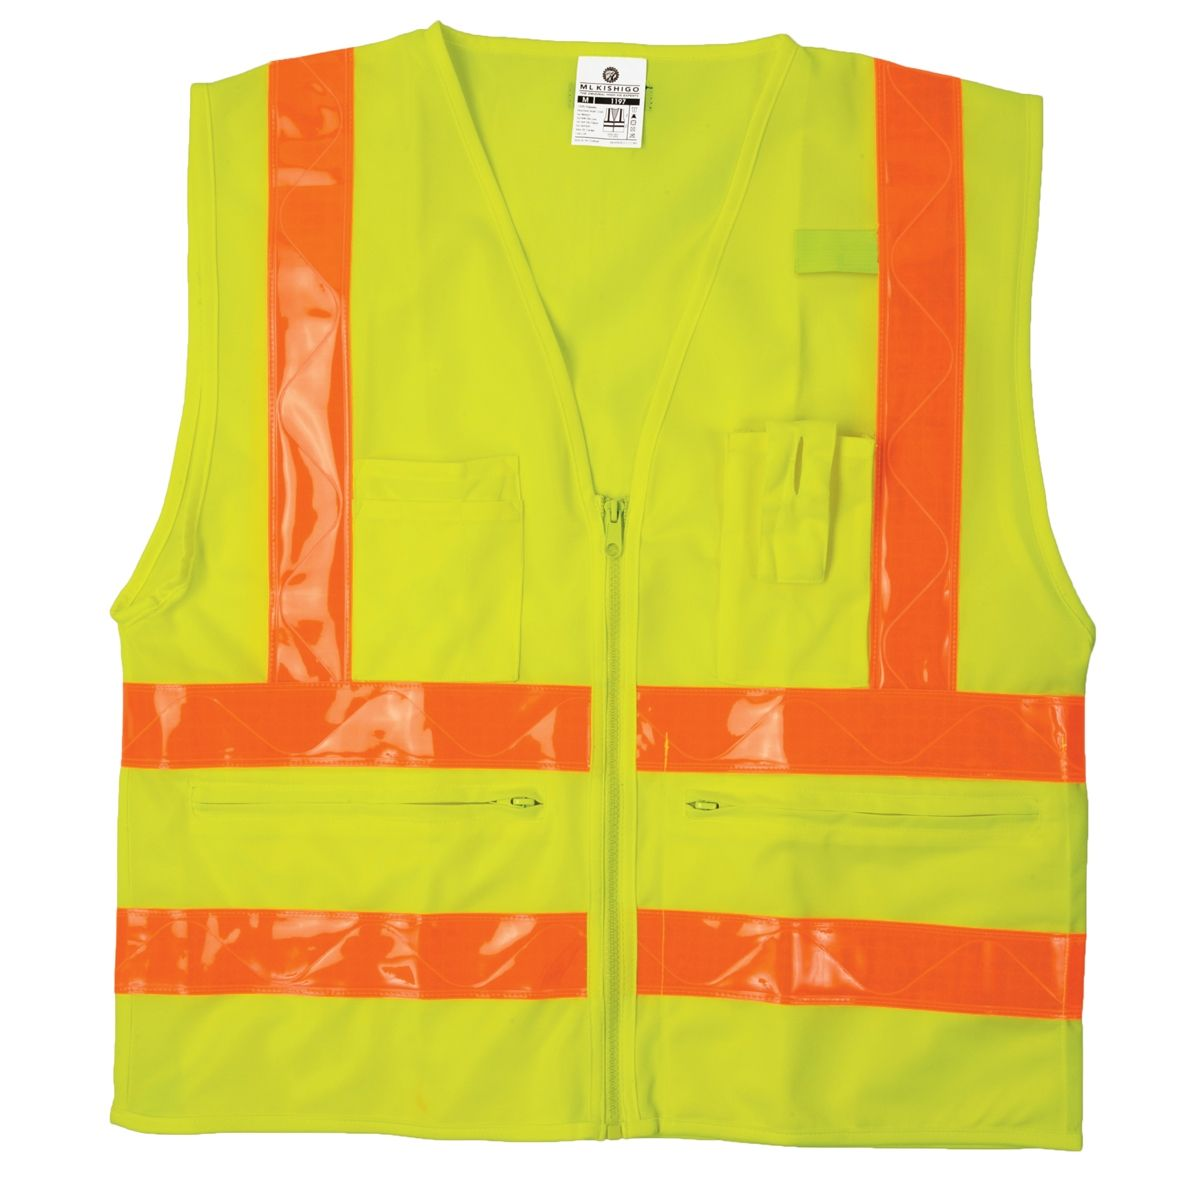 Park Art|My WordPress Blog_Class 3 Safety Vest With Pockets